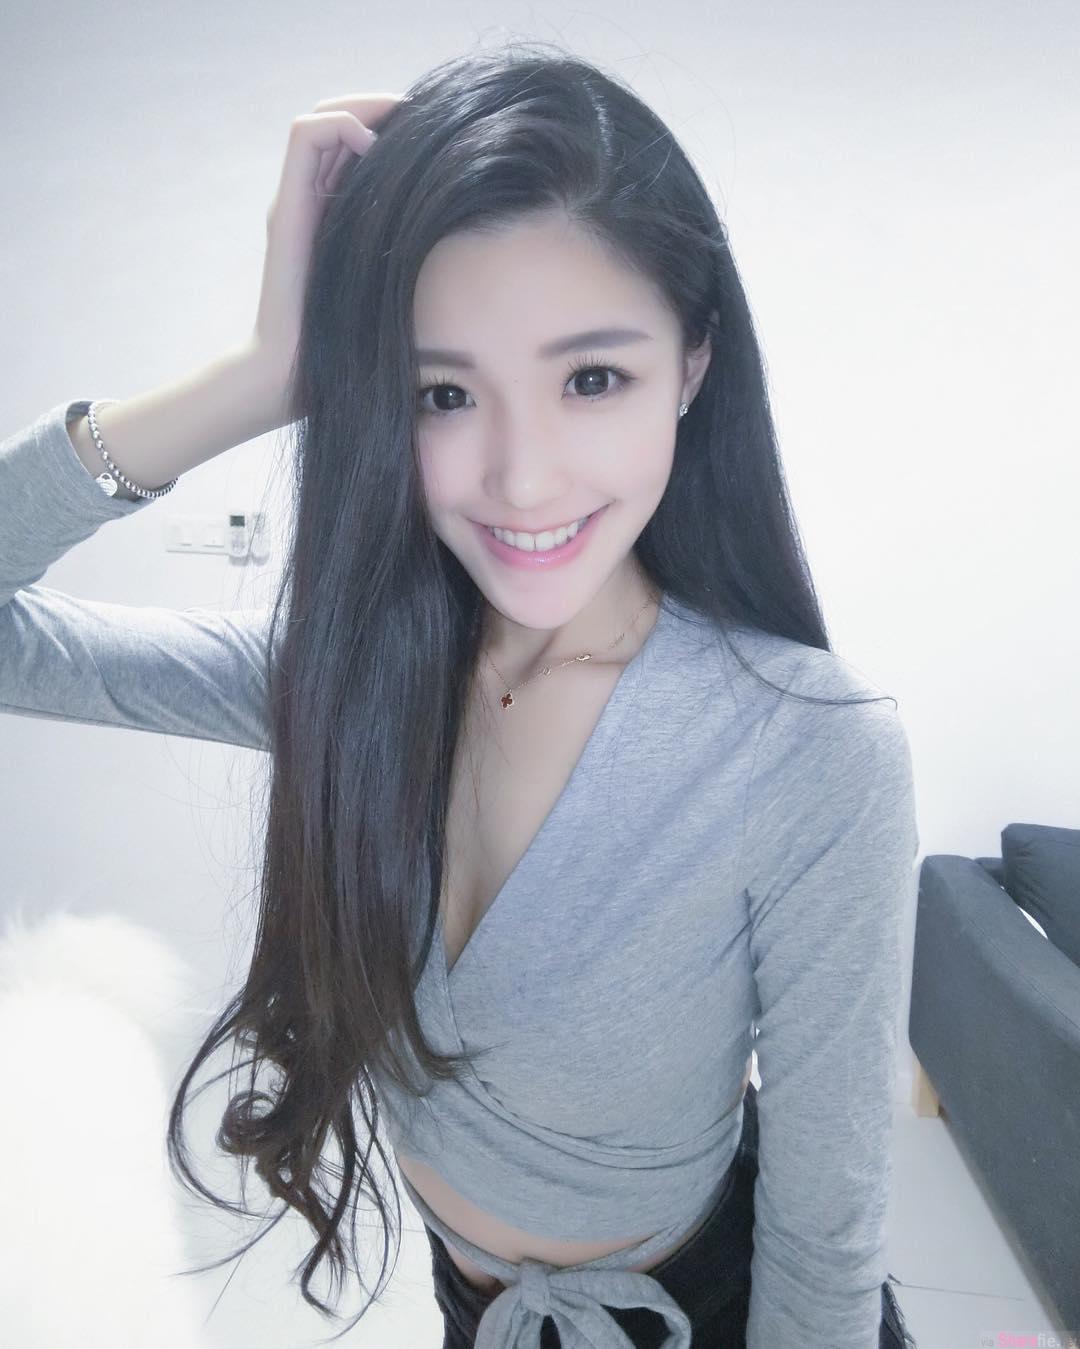 大马微笑正妹Ivy Kuang,阳光灿烂爆发无限正能量